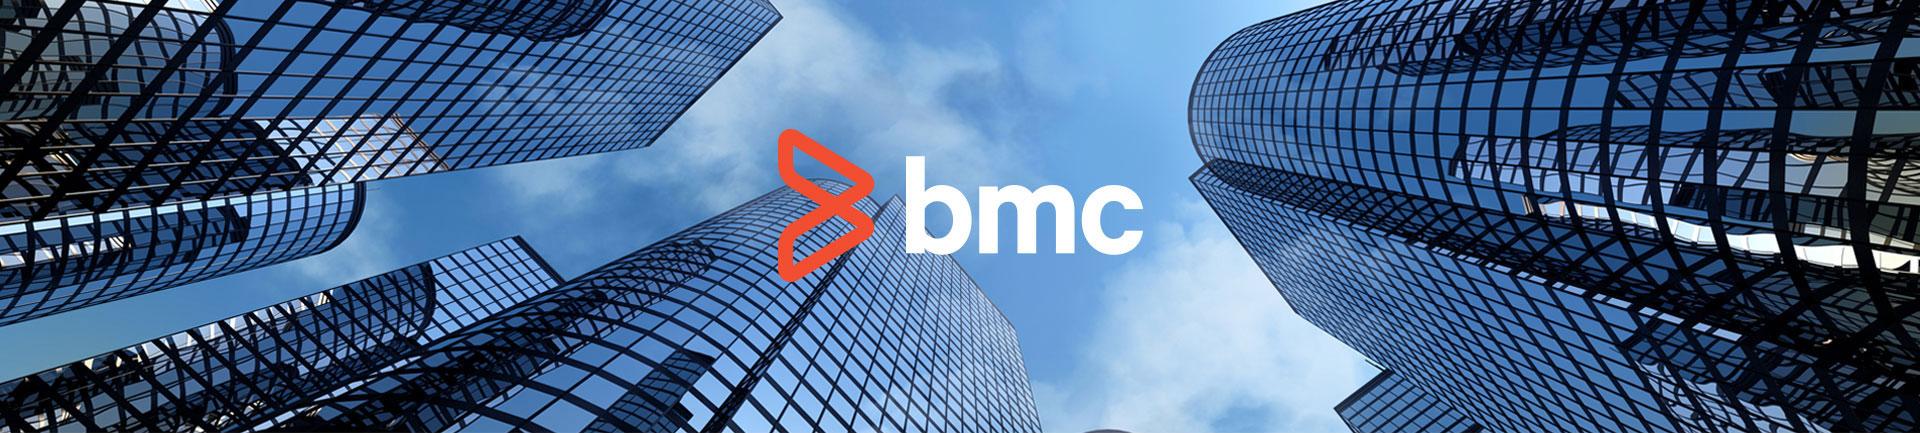 bmc-banner